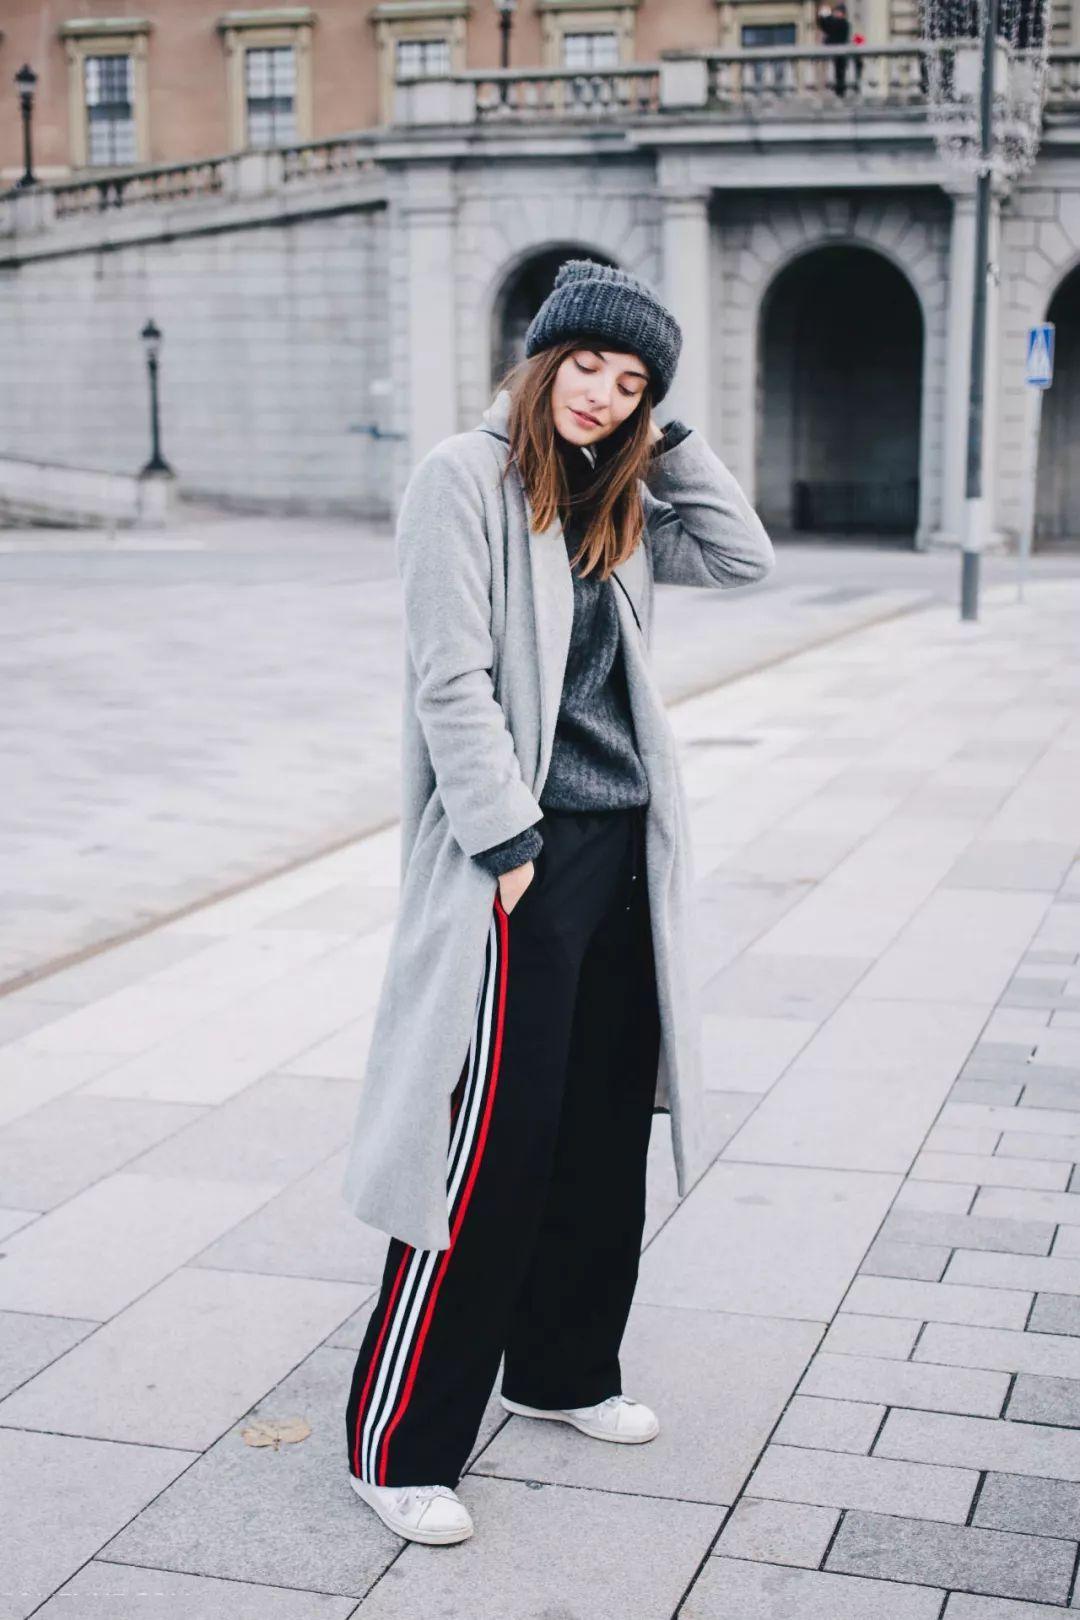 还在用短靴配大衣?明明大衣+运动鞋更时髦!